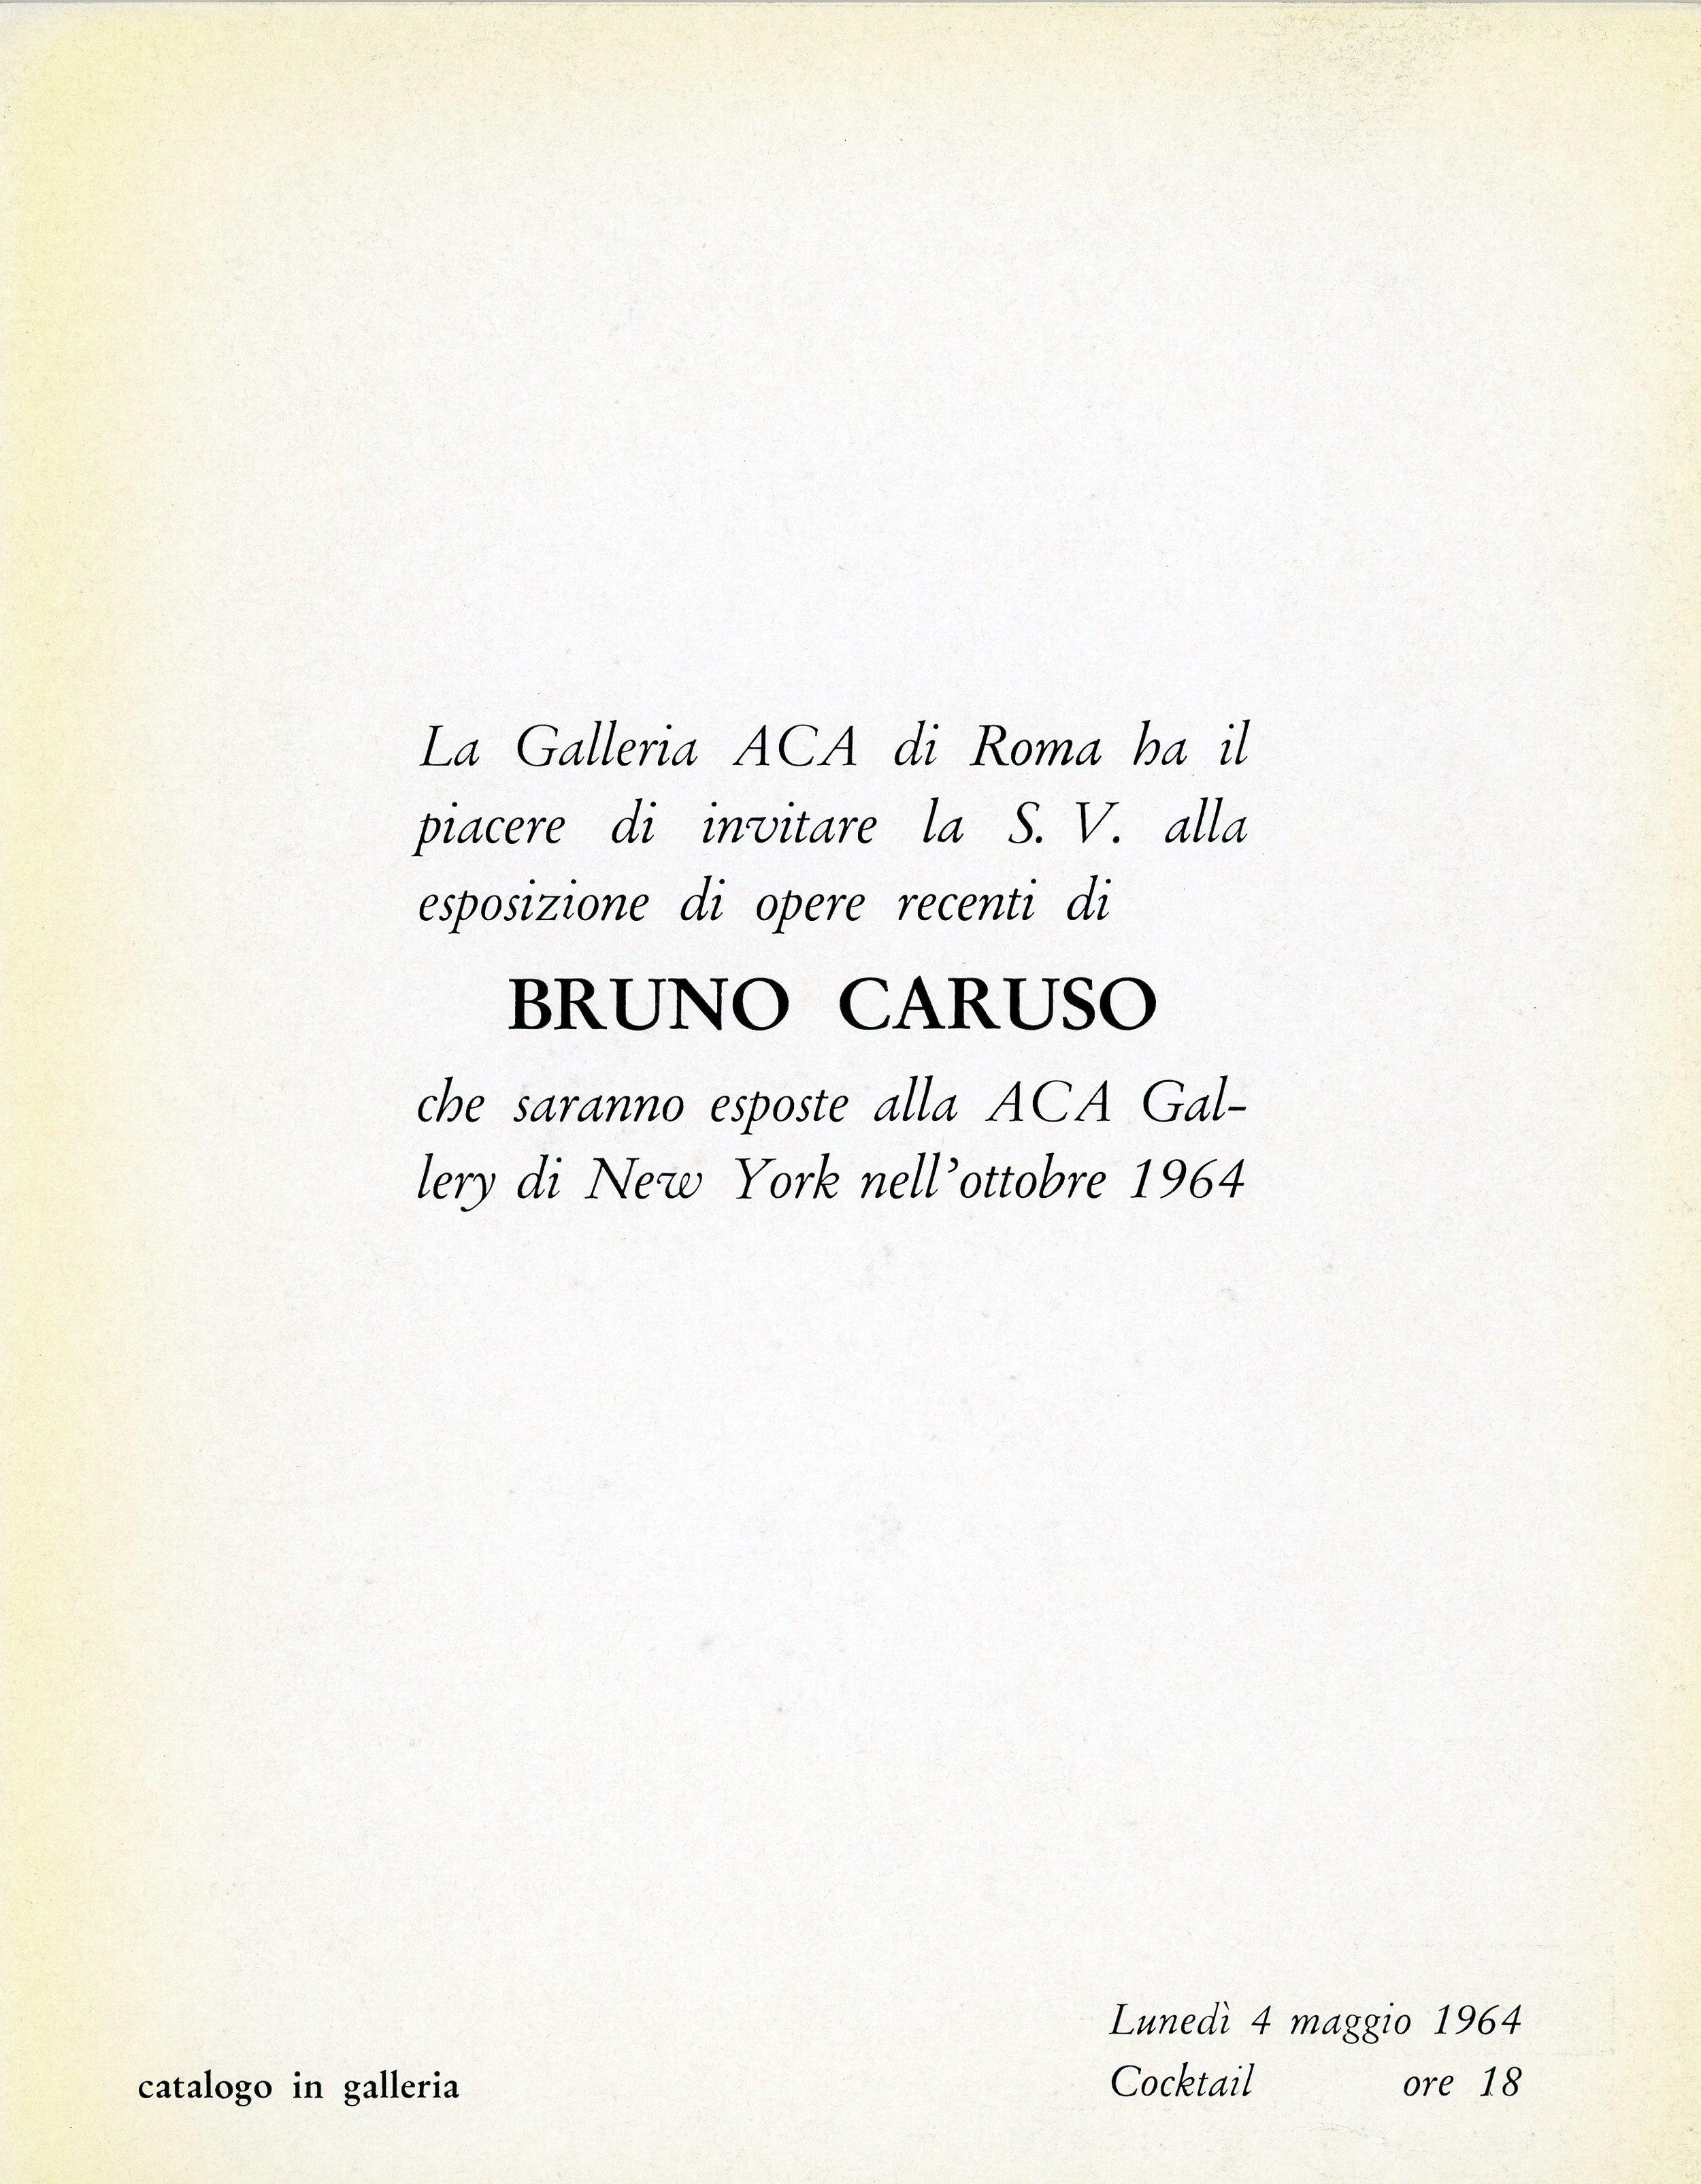 1964-05 Aca Gallery - Bruno Caruso_03.jpg